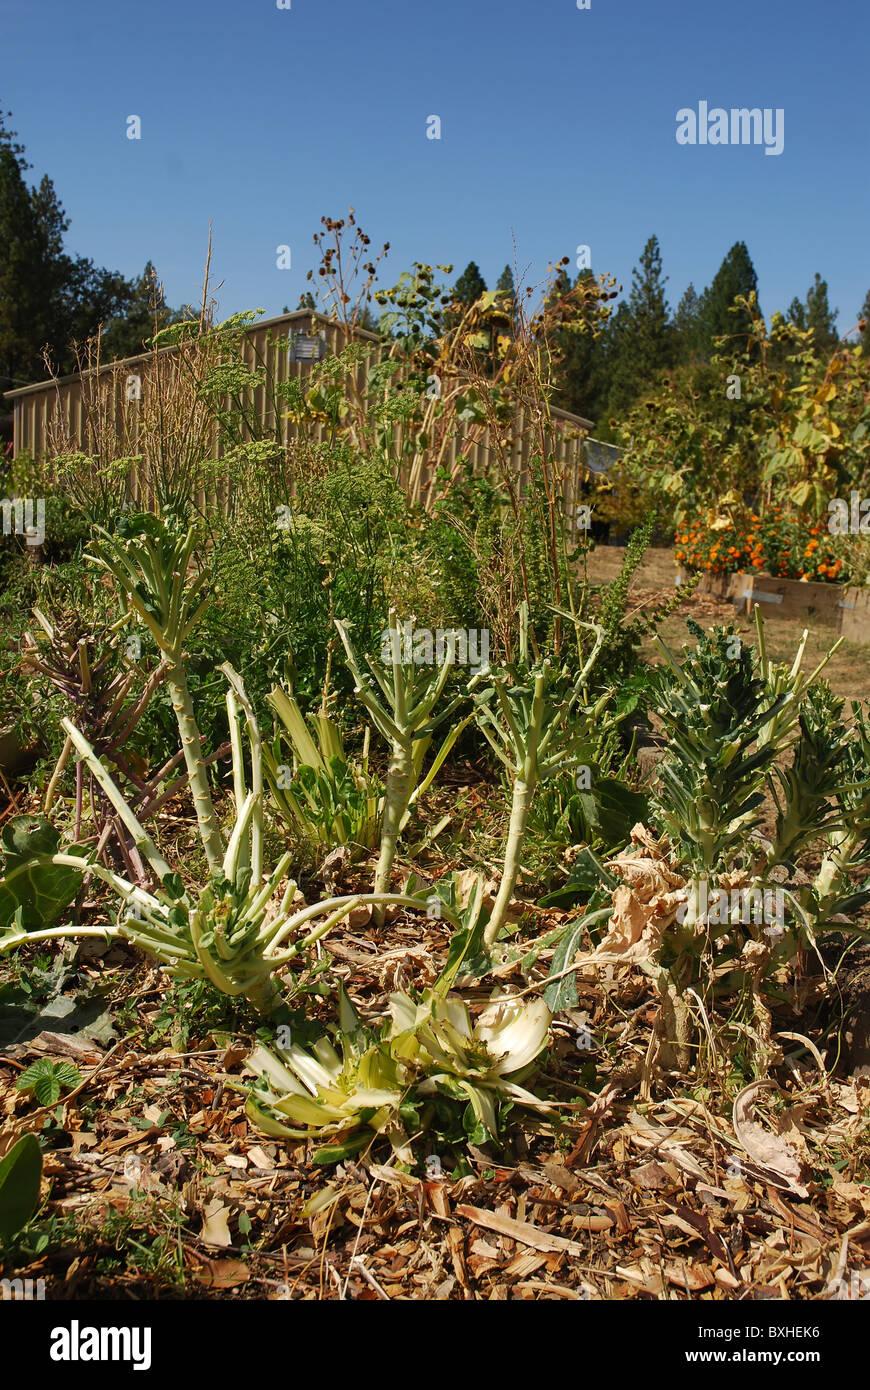 Cauliflower garden damaged by deer Stock Photo